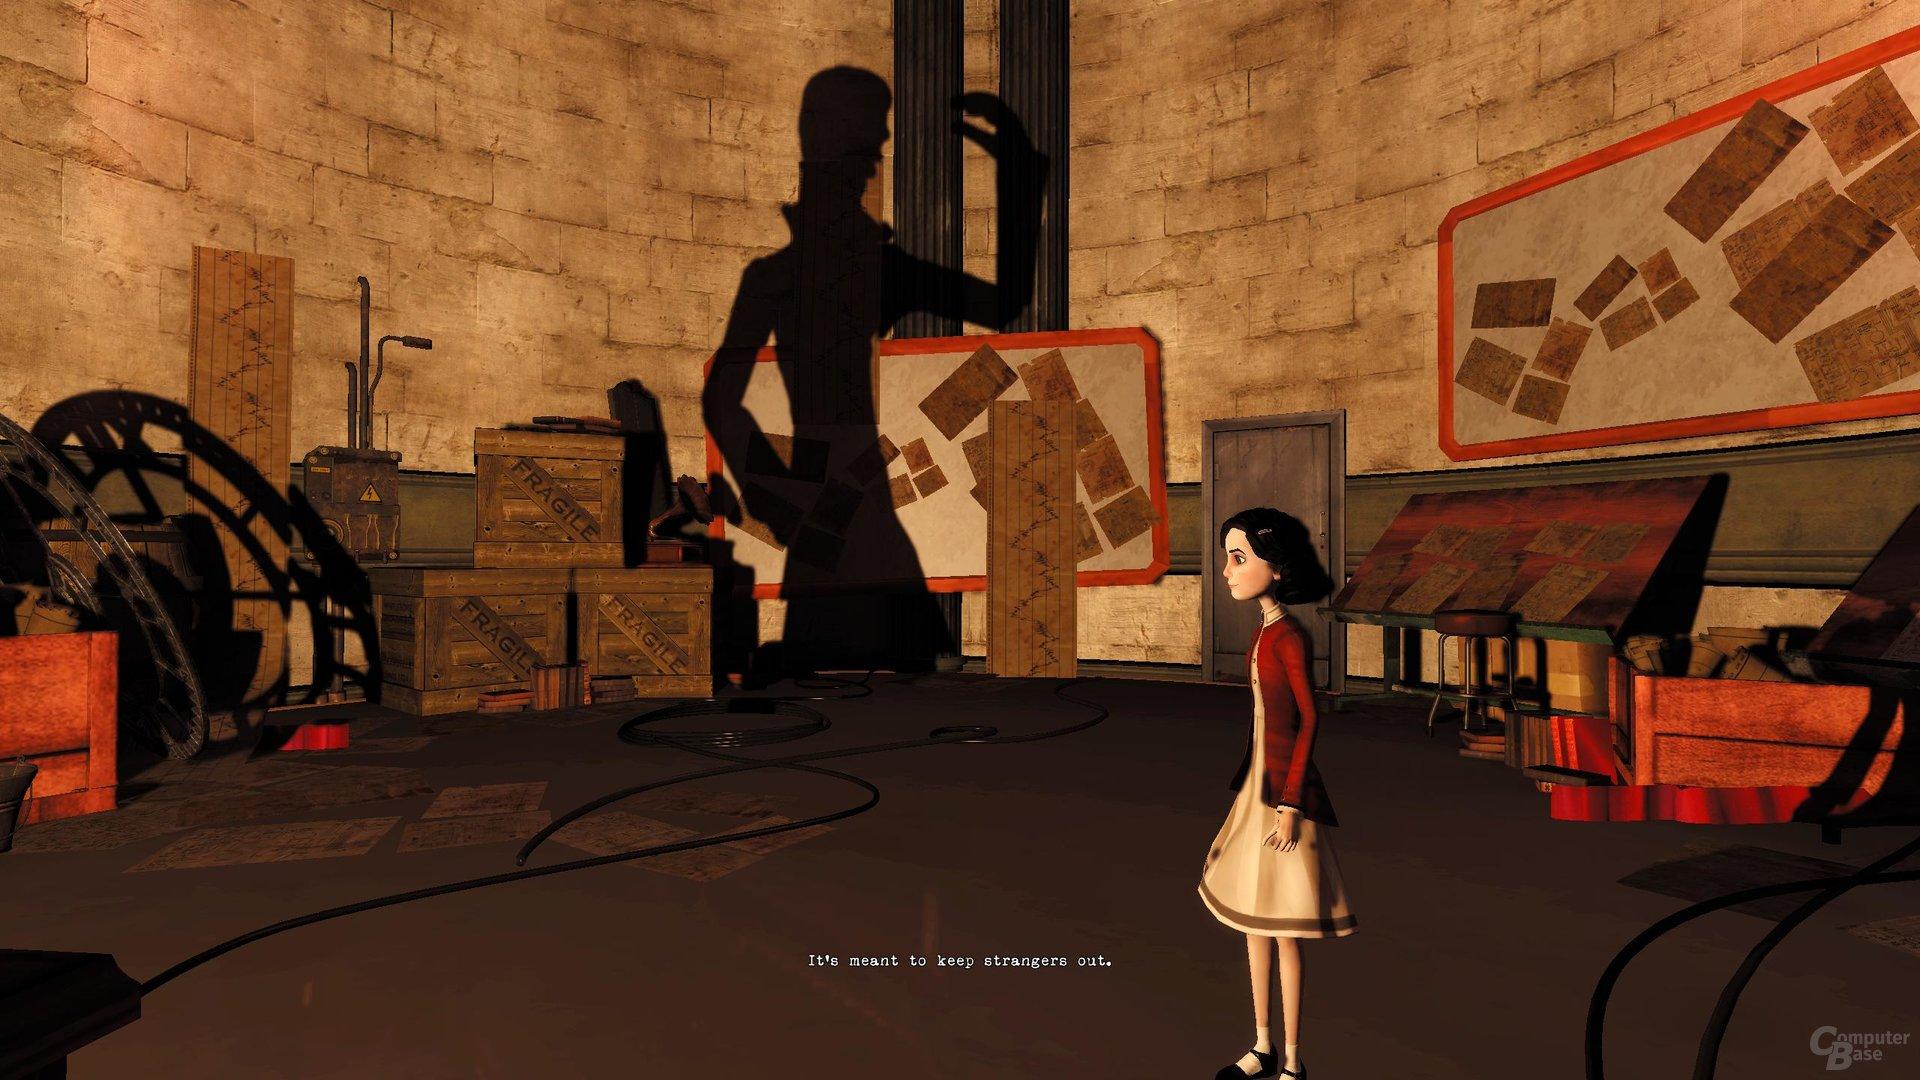 Interaktion zwischen 2D und 3D